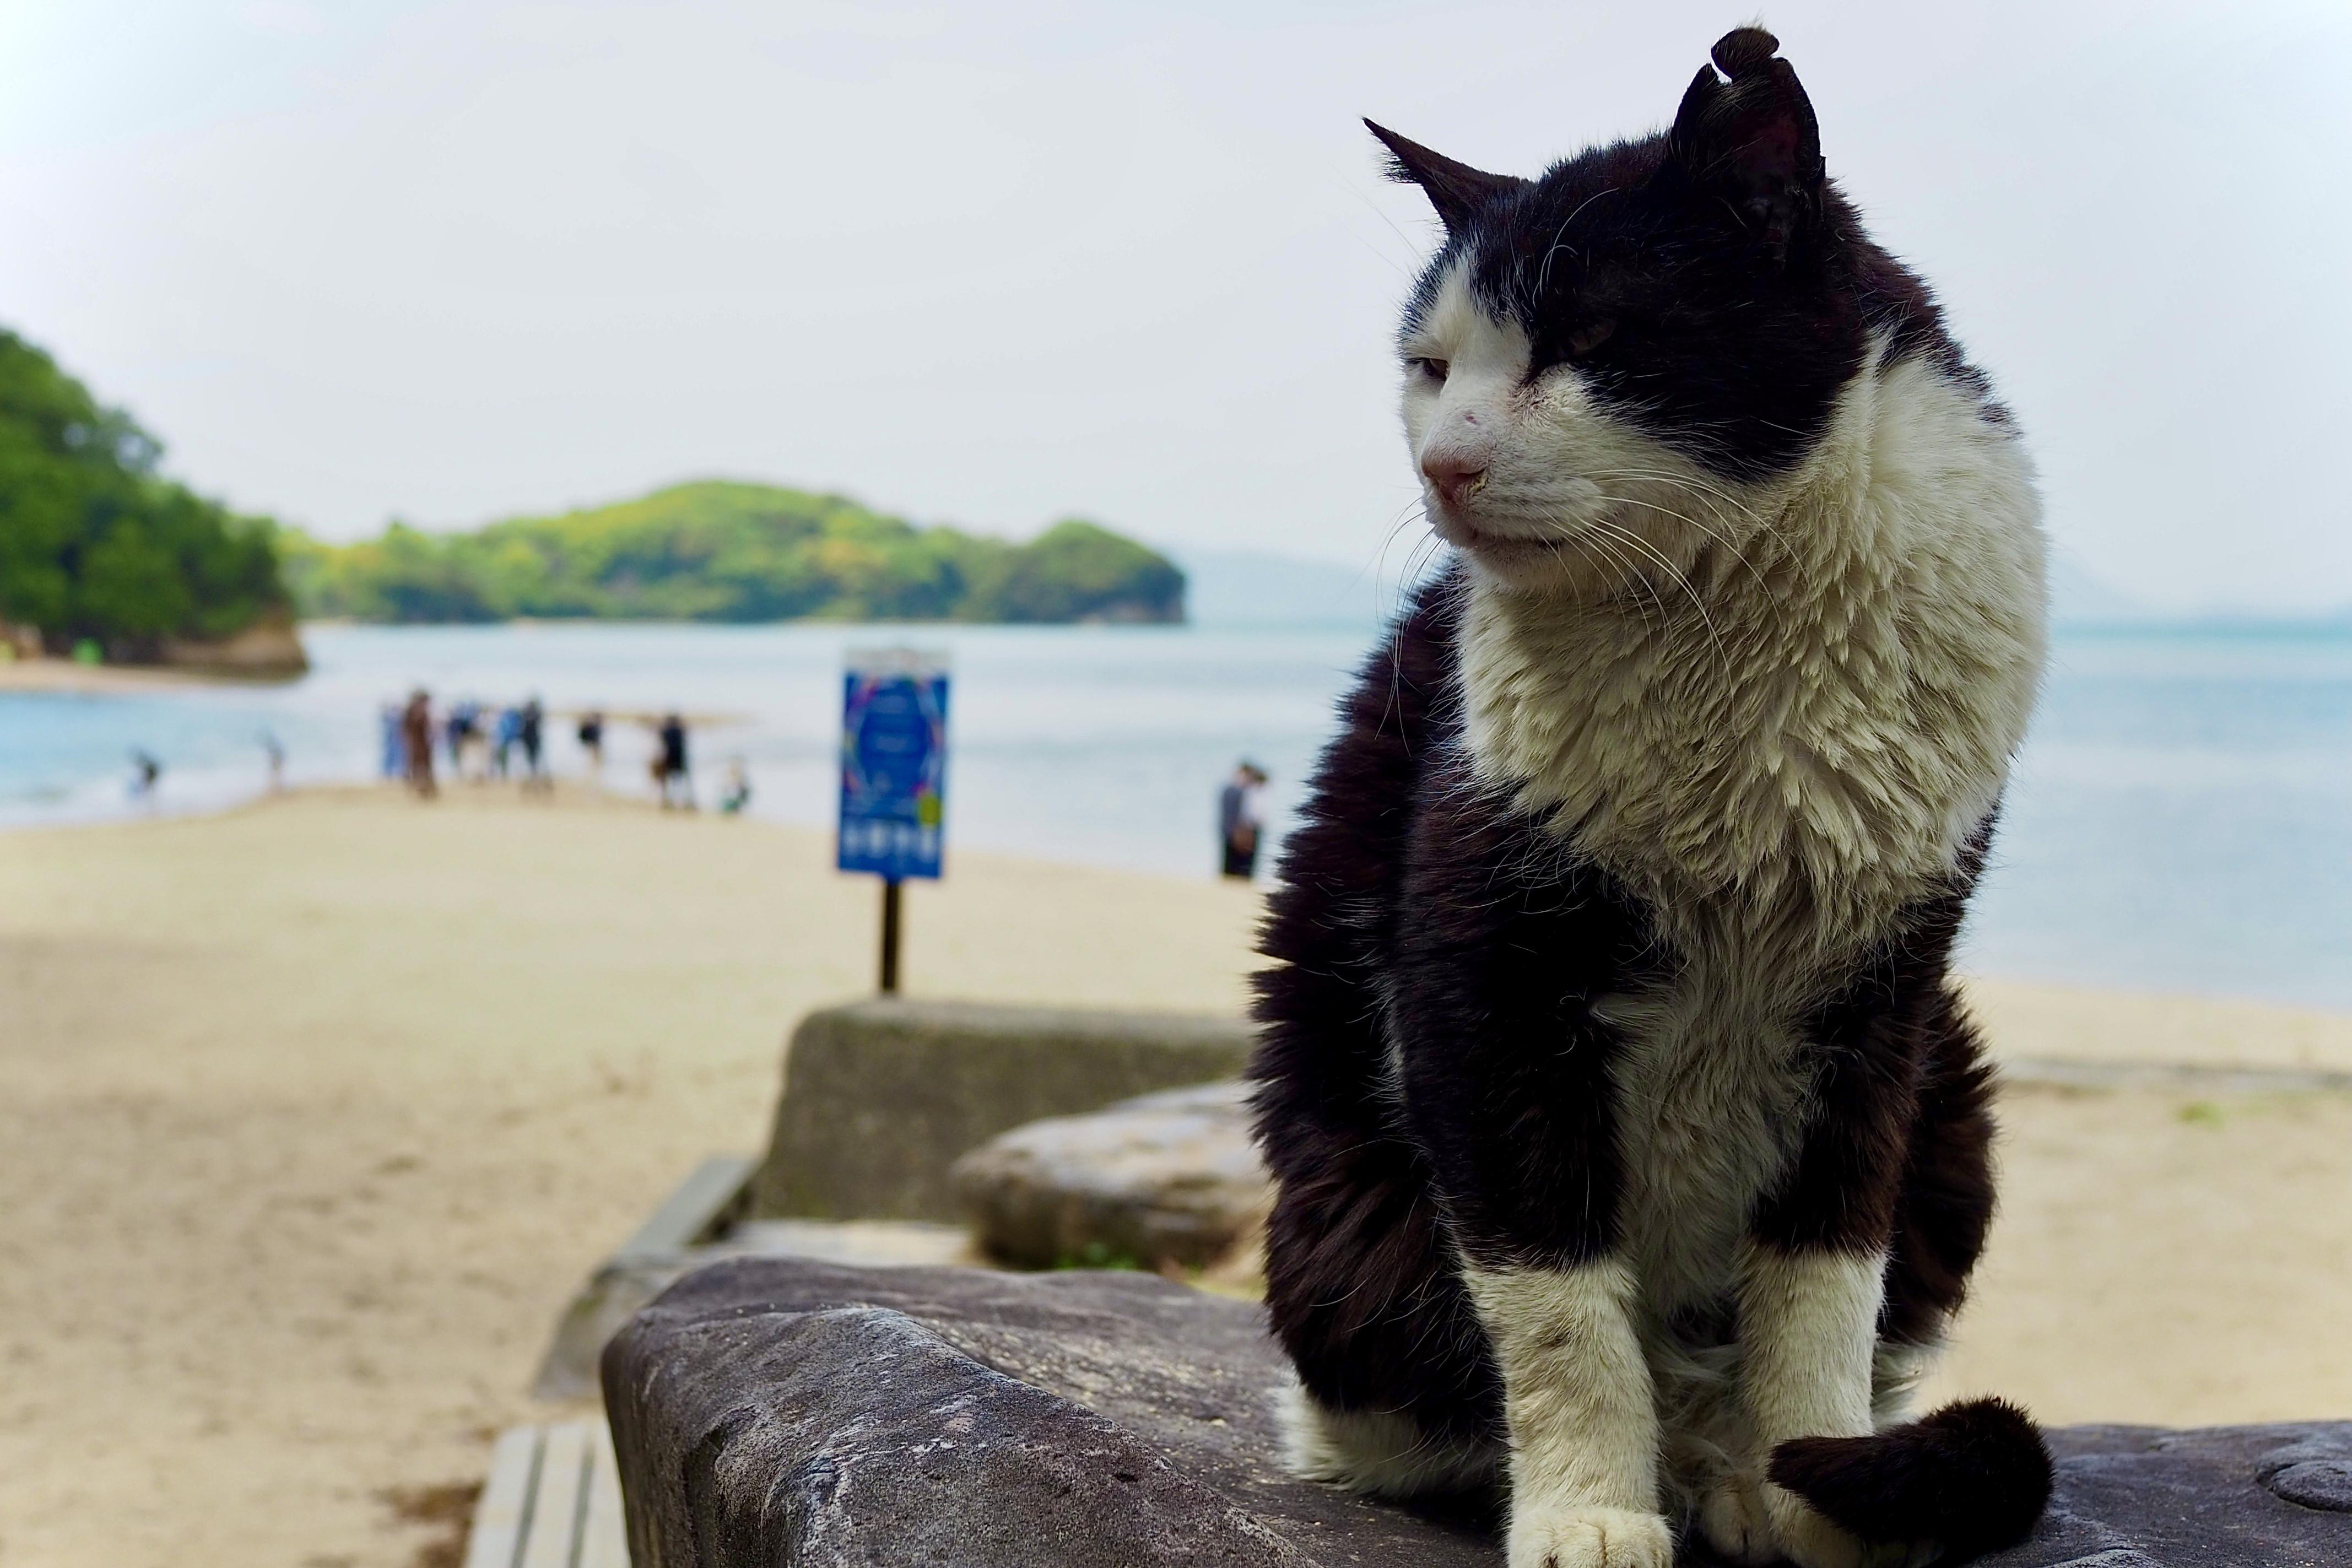 小豆島ツーリング 絶景とグルメ ハーレー 旅 一人旅 エンジェルロード 猫 ニャンコ ぬこ タエちゃん